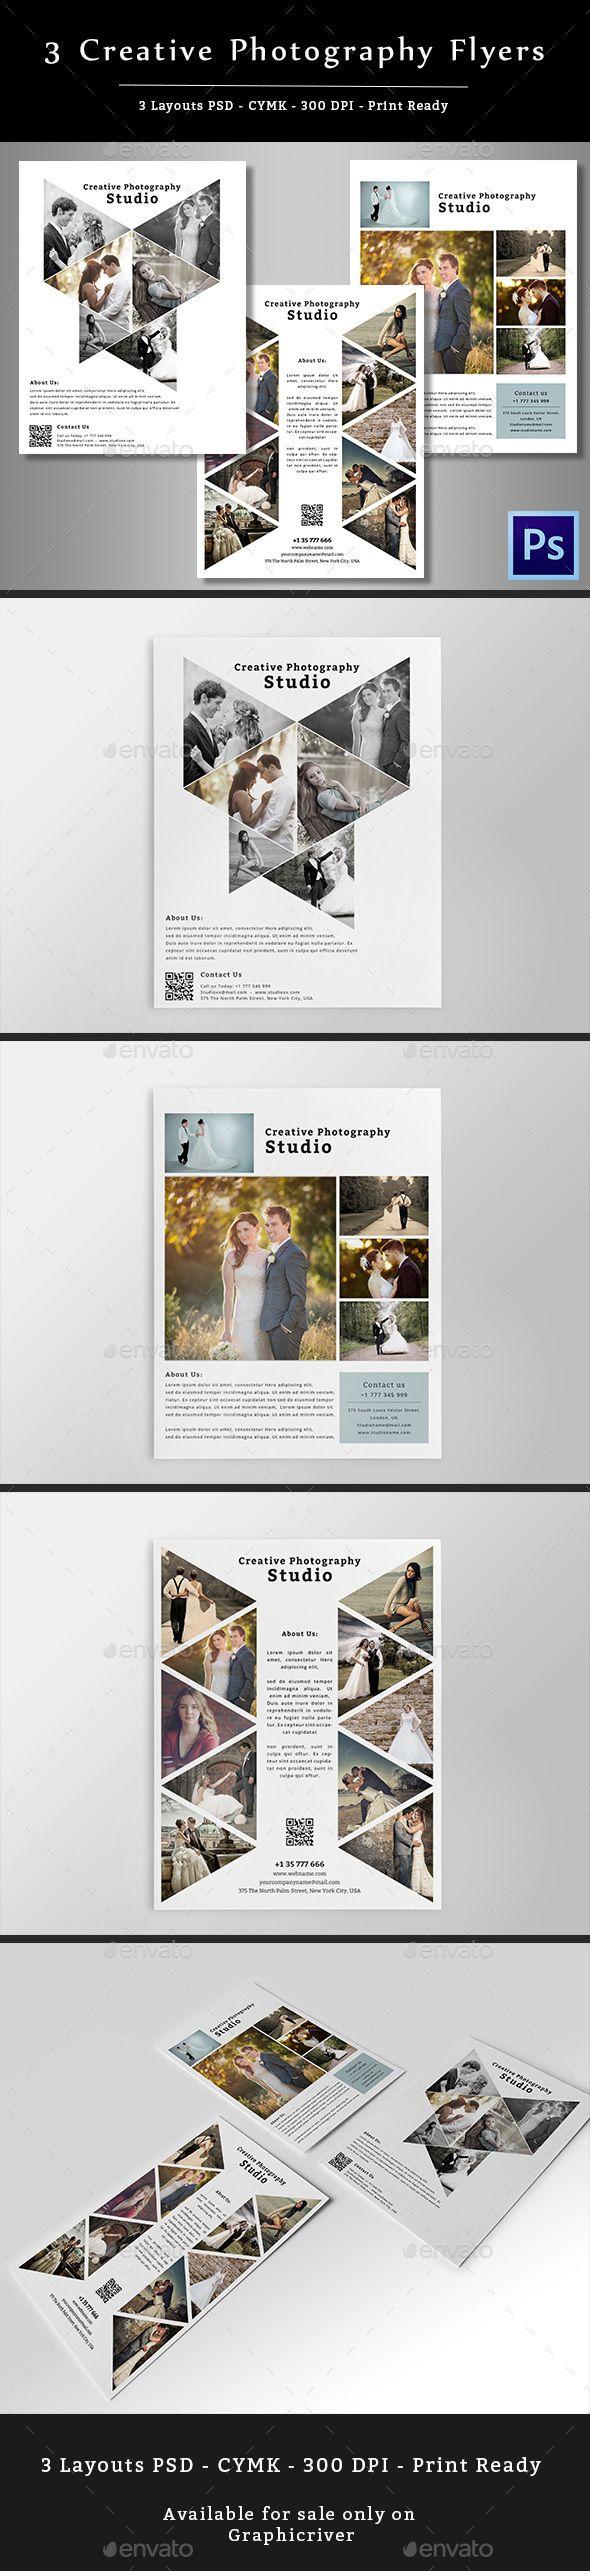 Photography Flyer | Design | Pinterest | Photography flyer, Flyer ...